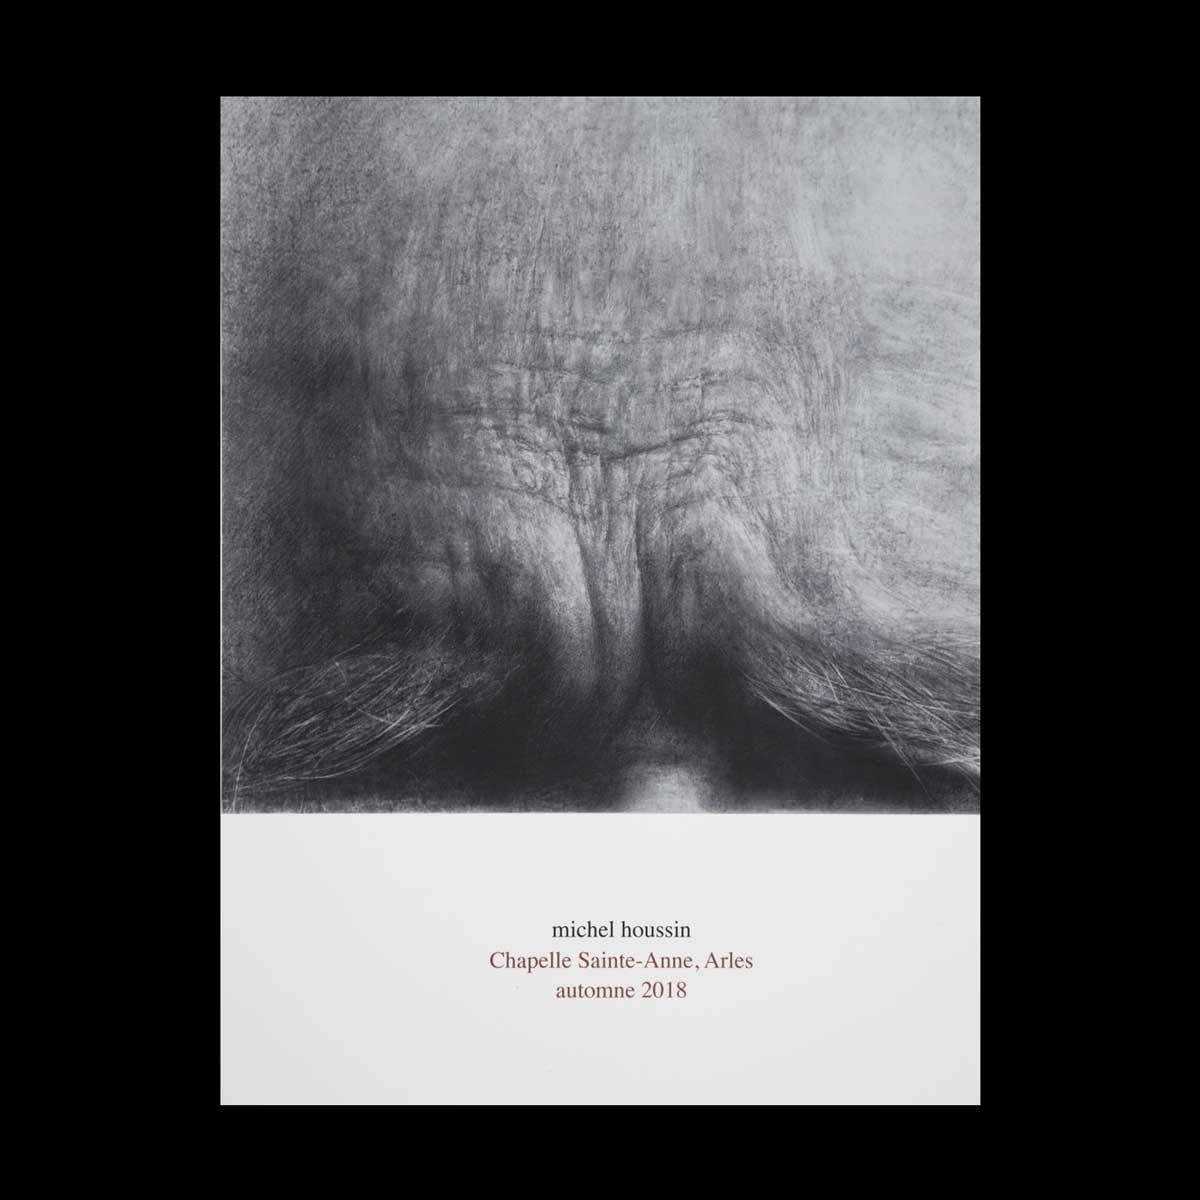 Michel Houssin, Chapelle Ste Anne, Arles, automne 2018. Catalogue de l'exposition, édité par Cyrille Putman